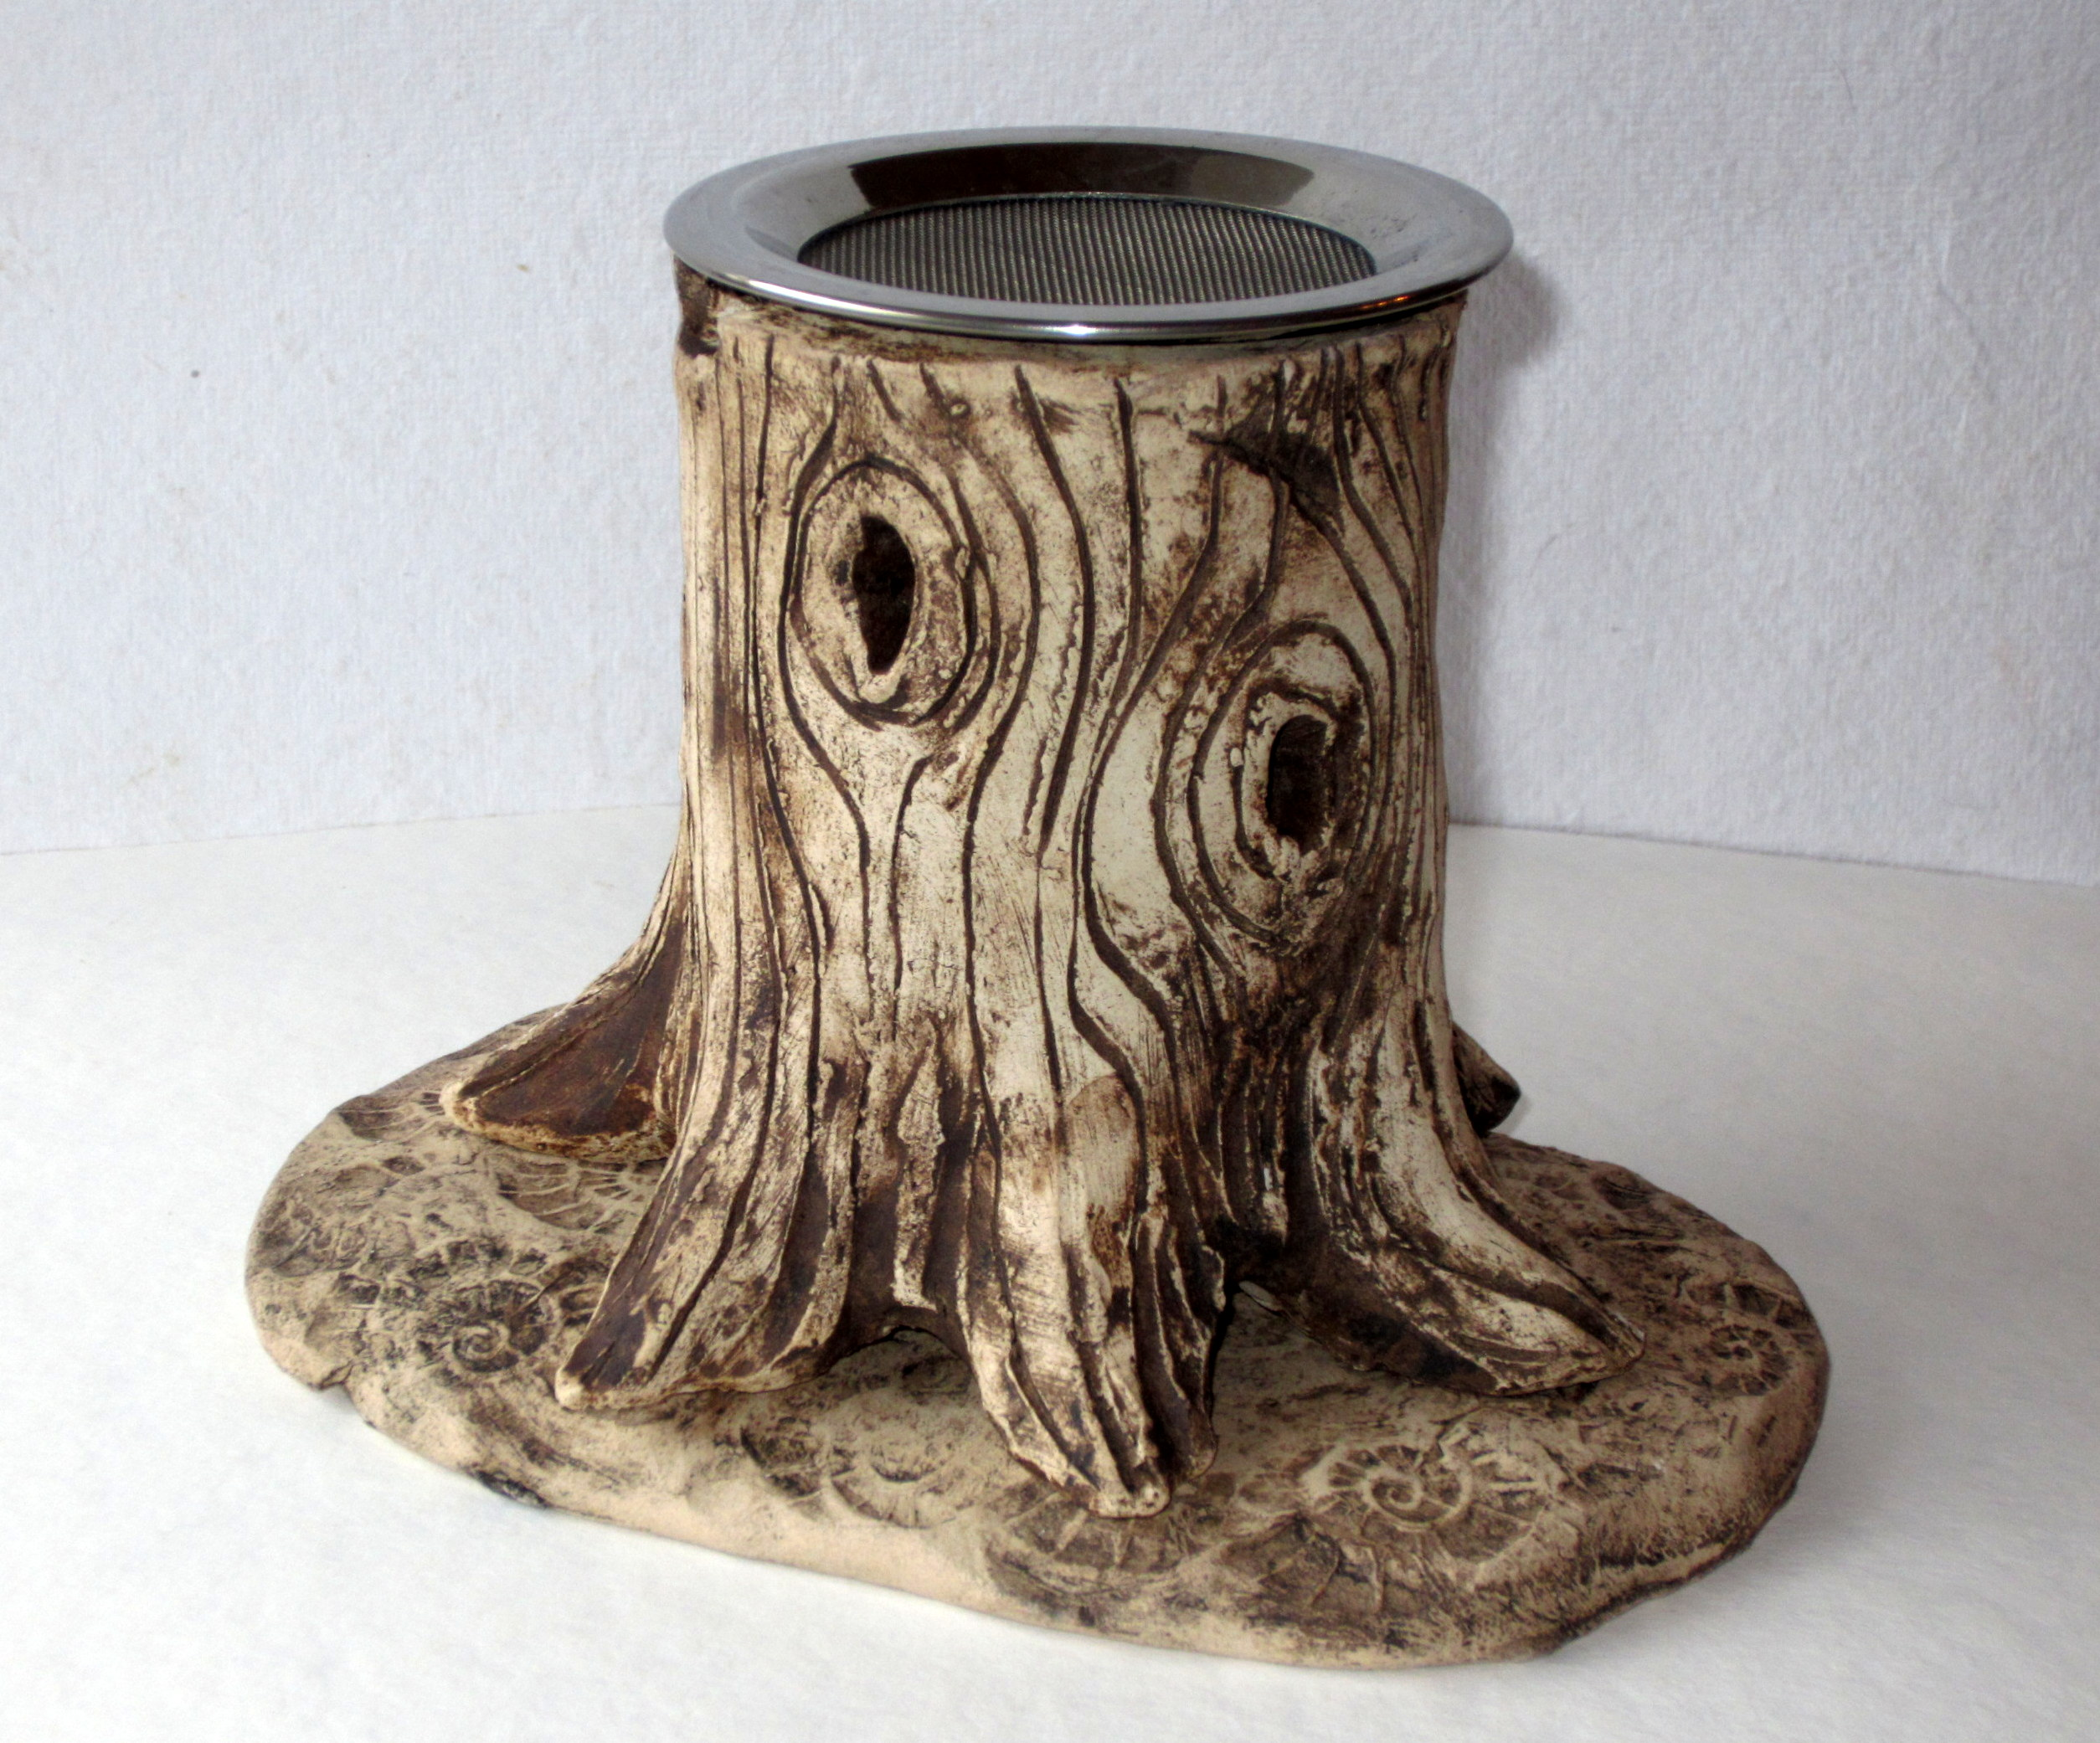 Ton Keramik Unterschied keramik ton unterschied chinesische vase ton keramik handbemalt